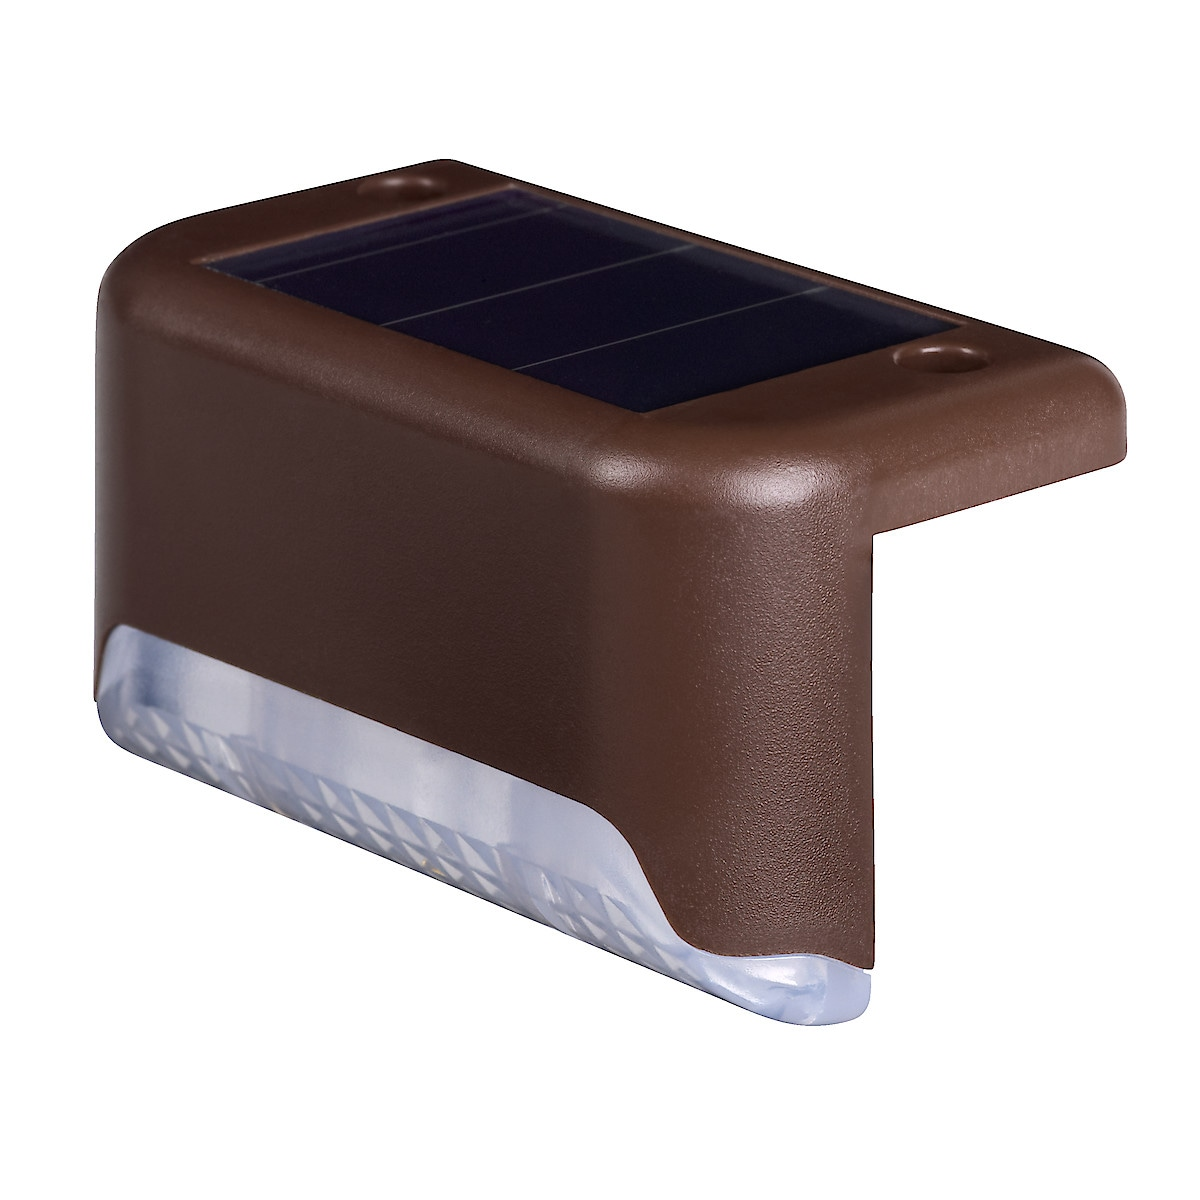 Solcellebelysning for rekkverk